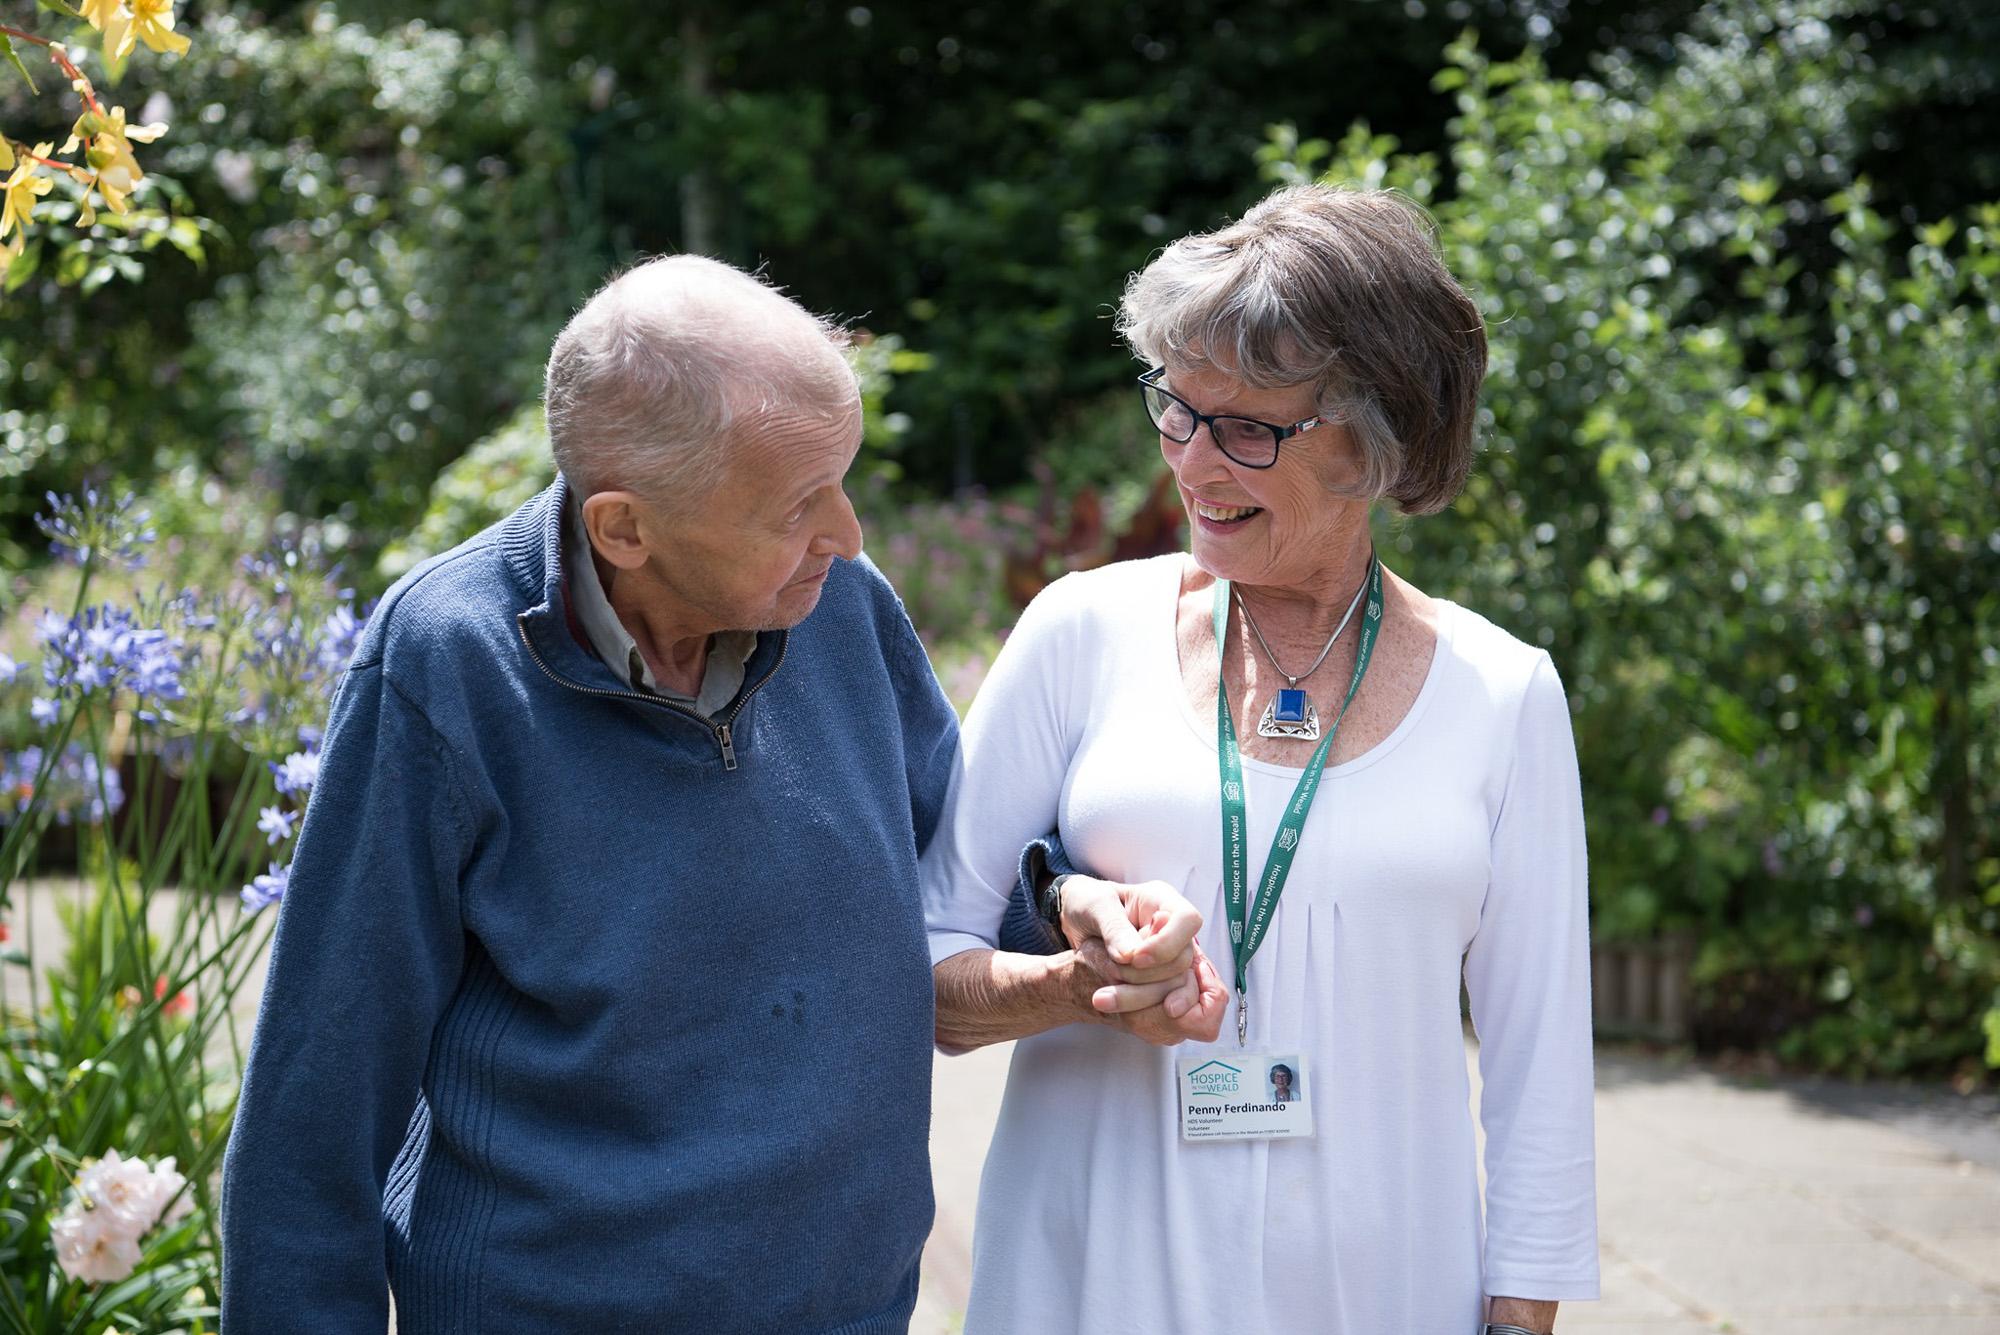 volunteer with patient in the gardens